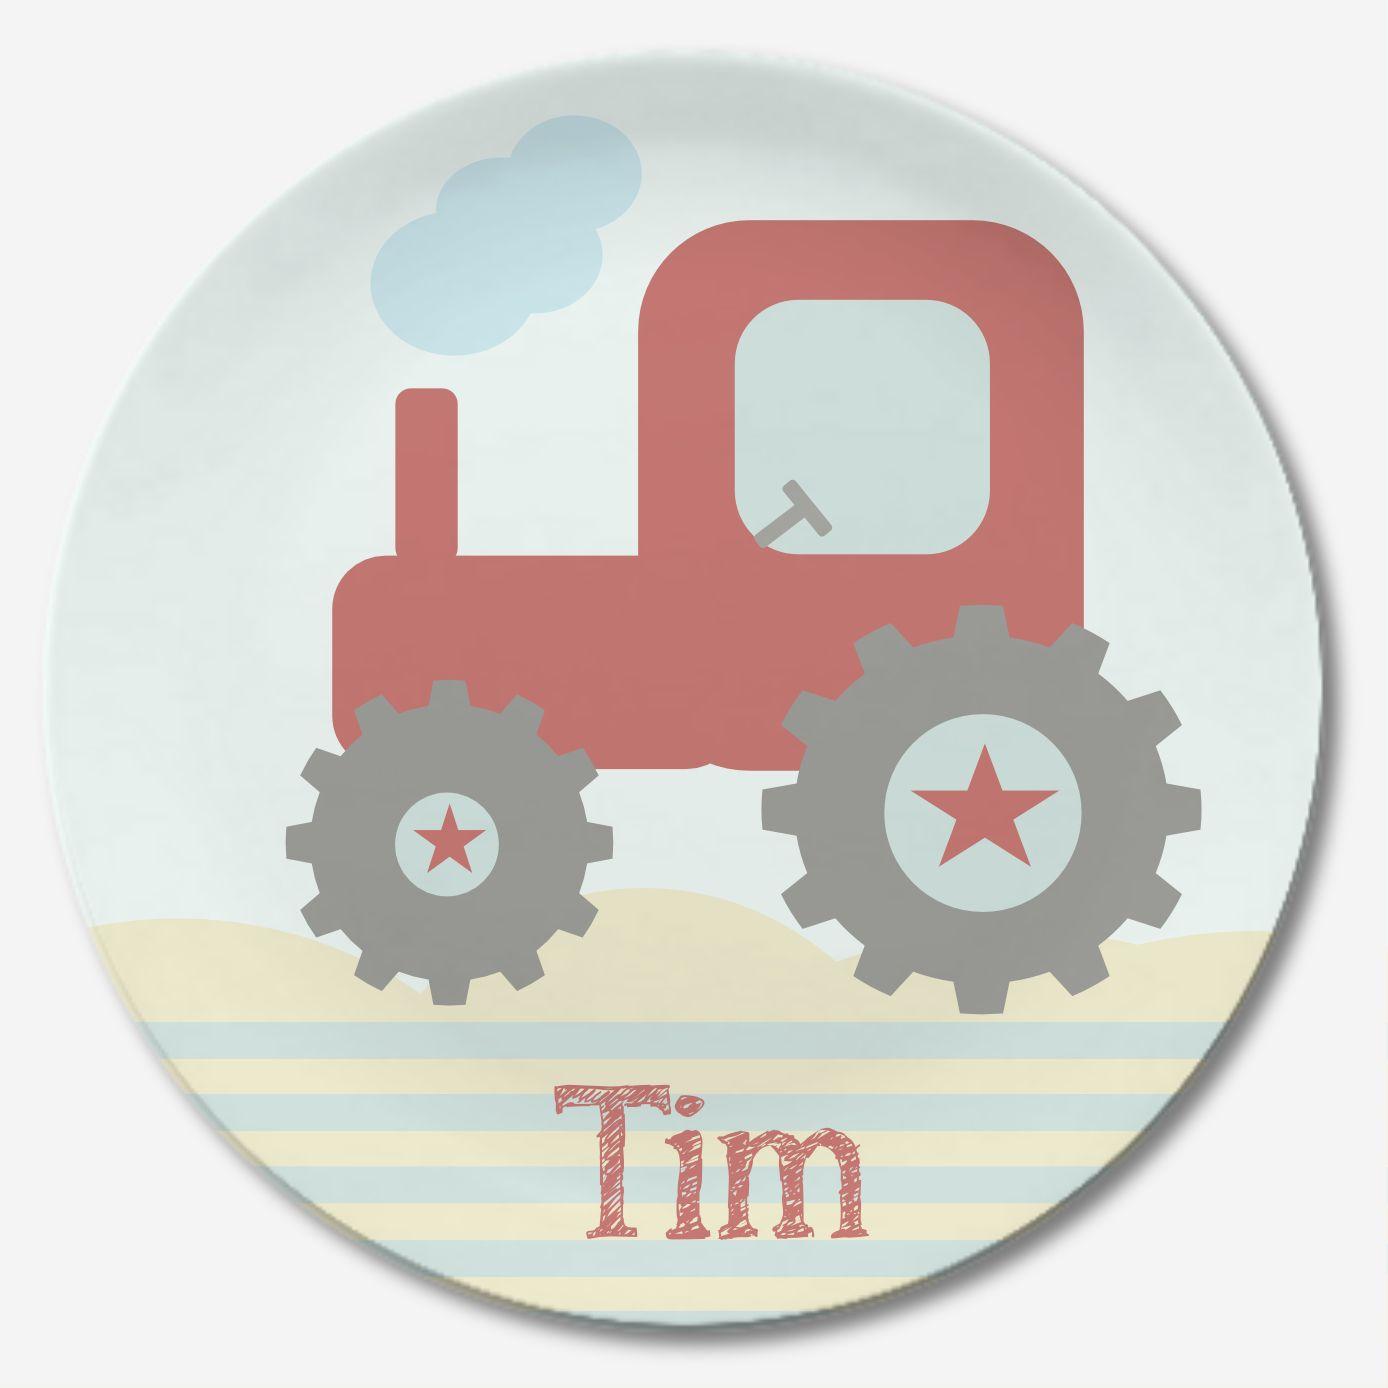 Kinderteller Mit Traktor Und Name In Rot Bedruckt Wunderschones Geschenk Zum Geburtstag Besondere Geschenke Zur Geburt Kinder Geschirr Wunderschone Geschenke